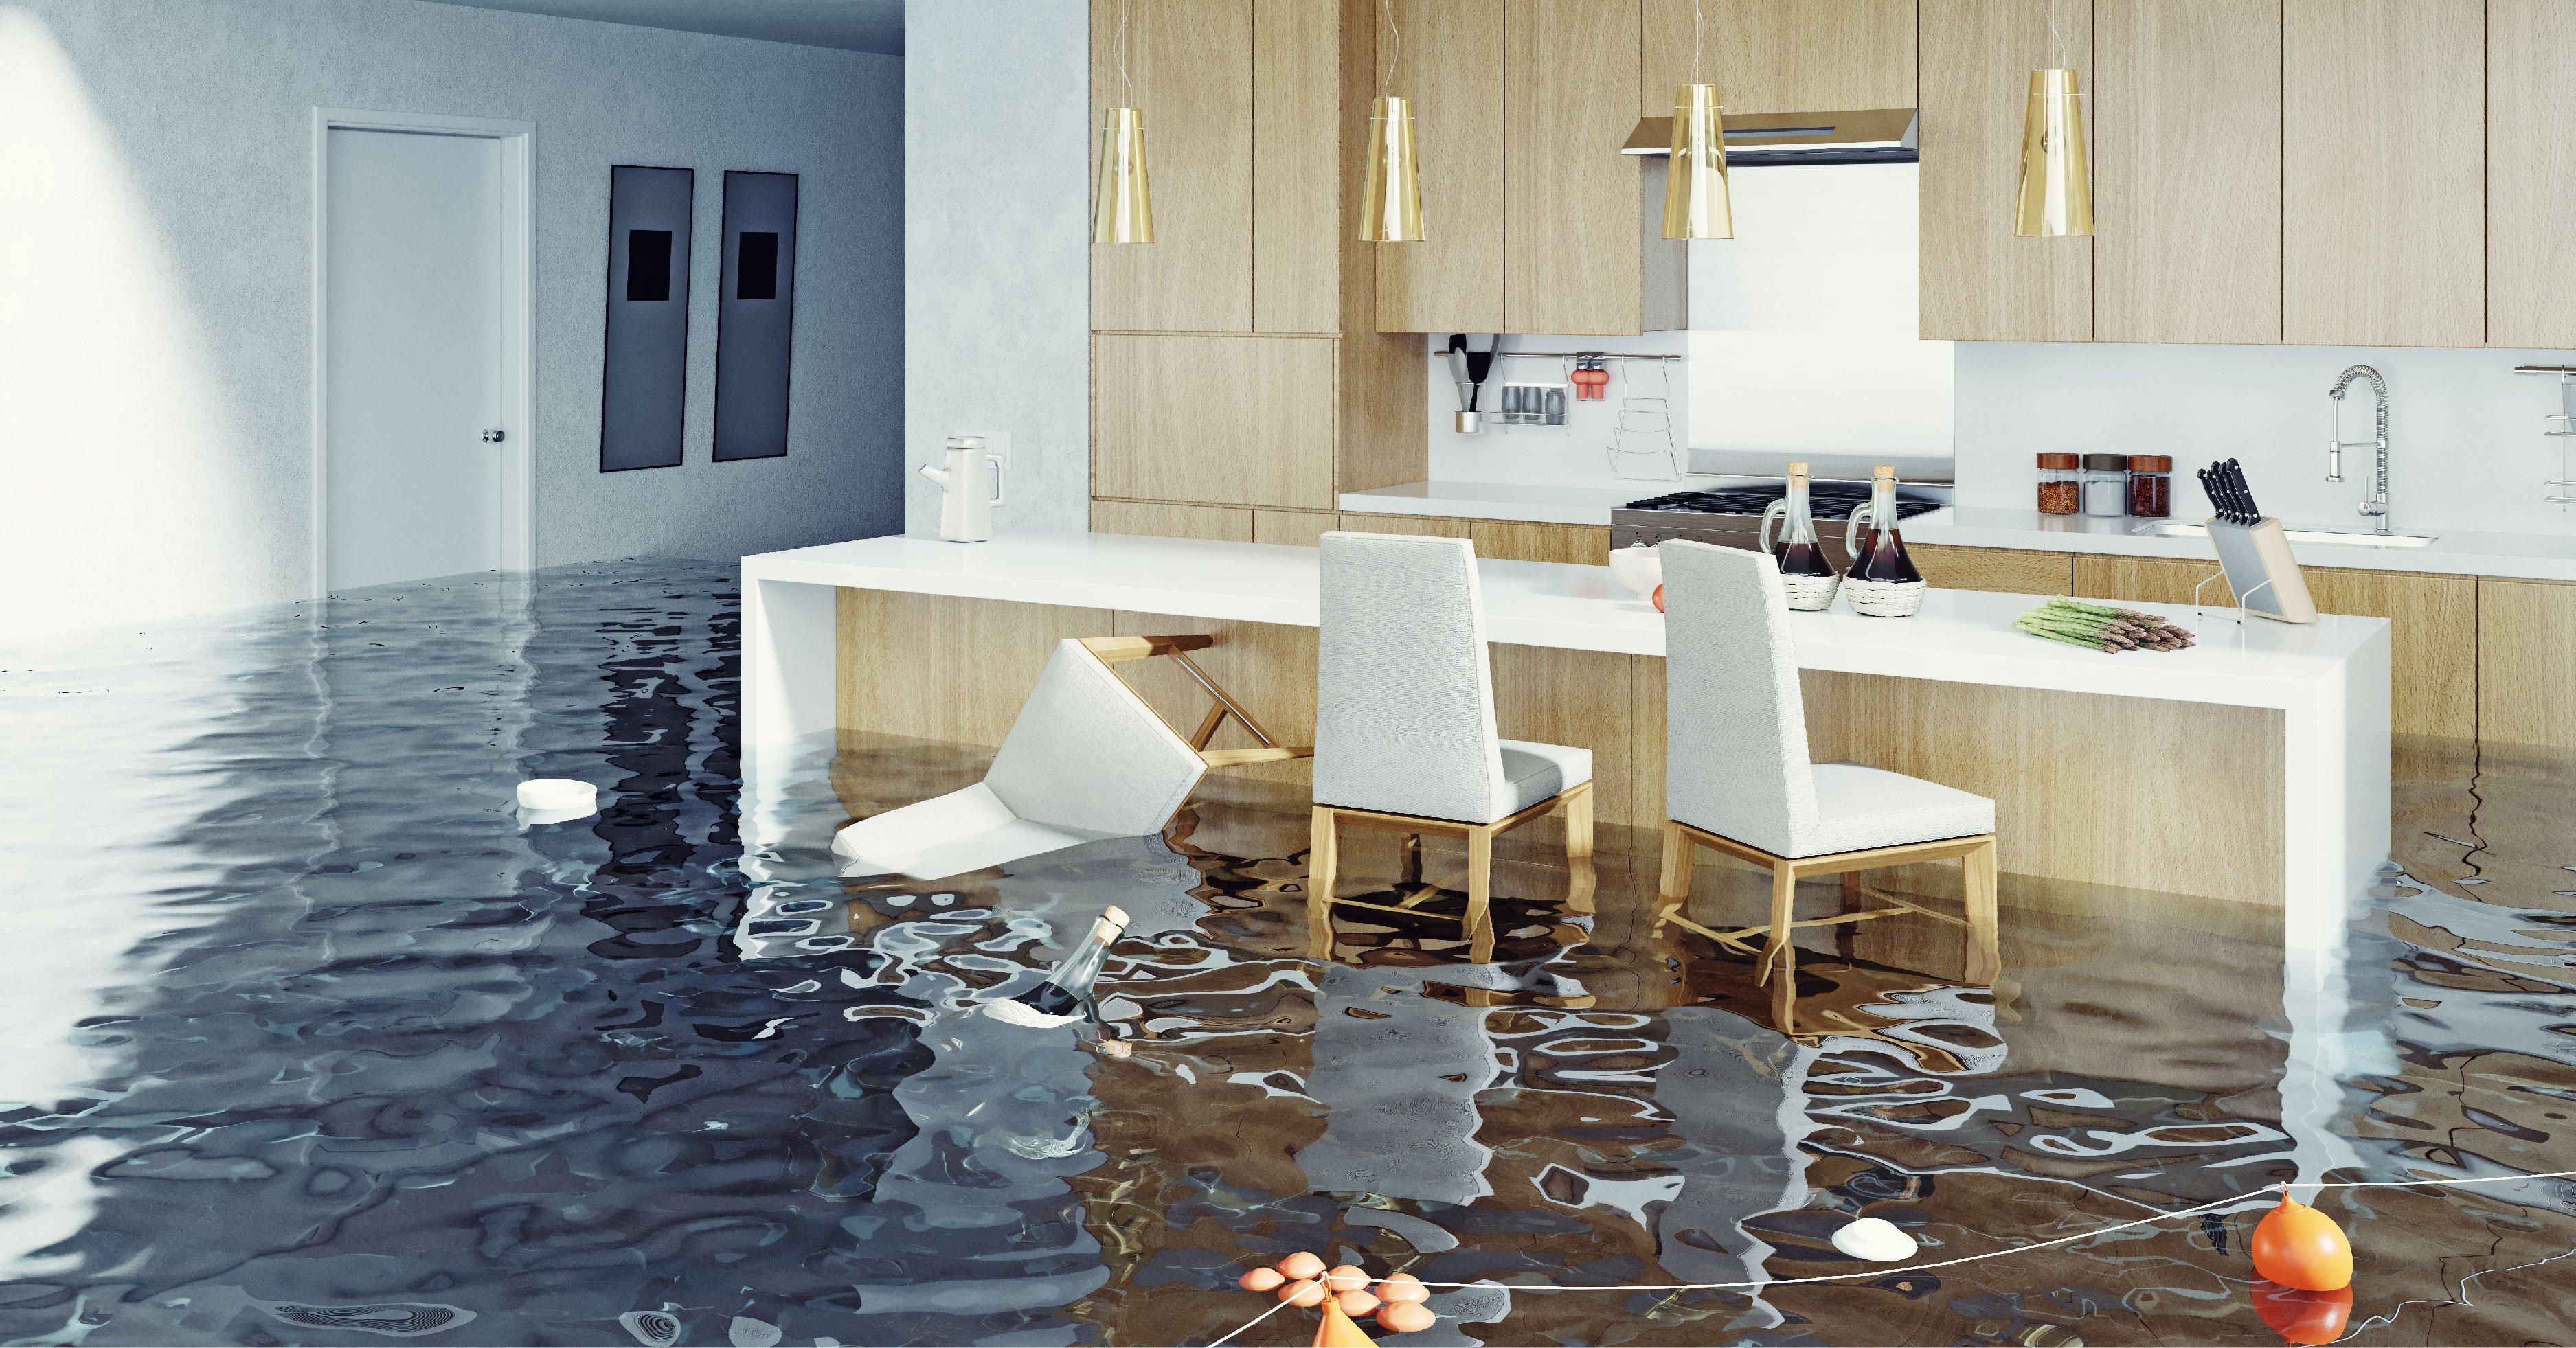 Cómo prepararse para evitar daños durante una inundación